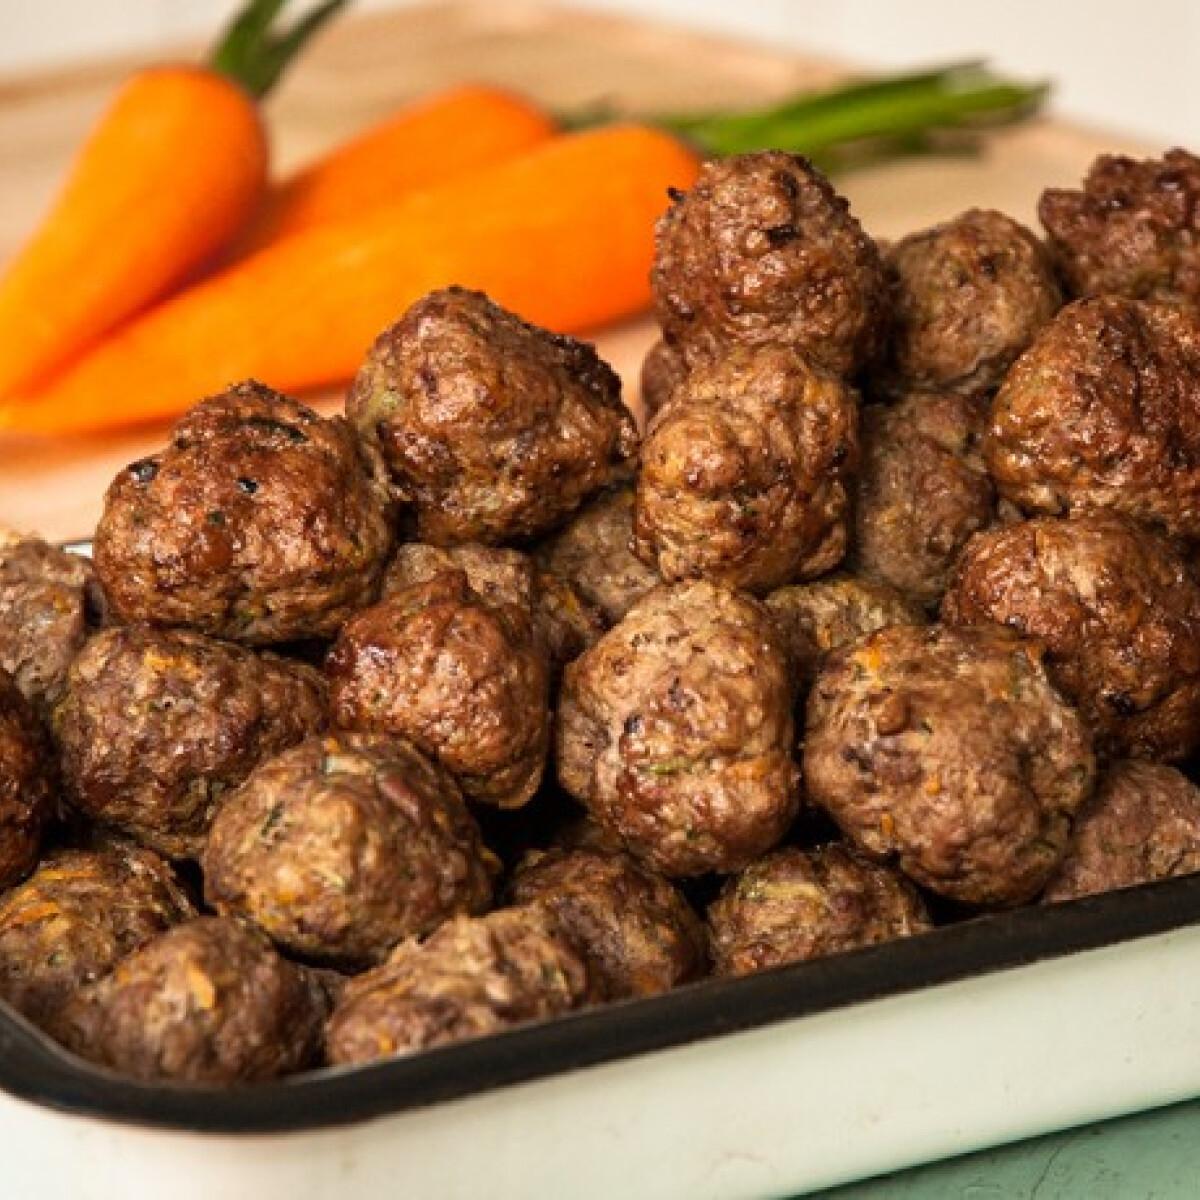 Ezen a képen: Zöldséges húsgolyók a sütőből